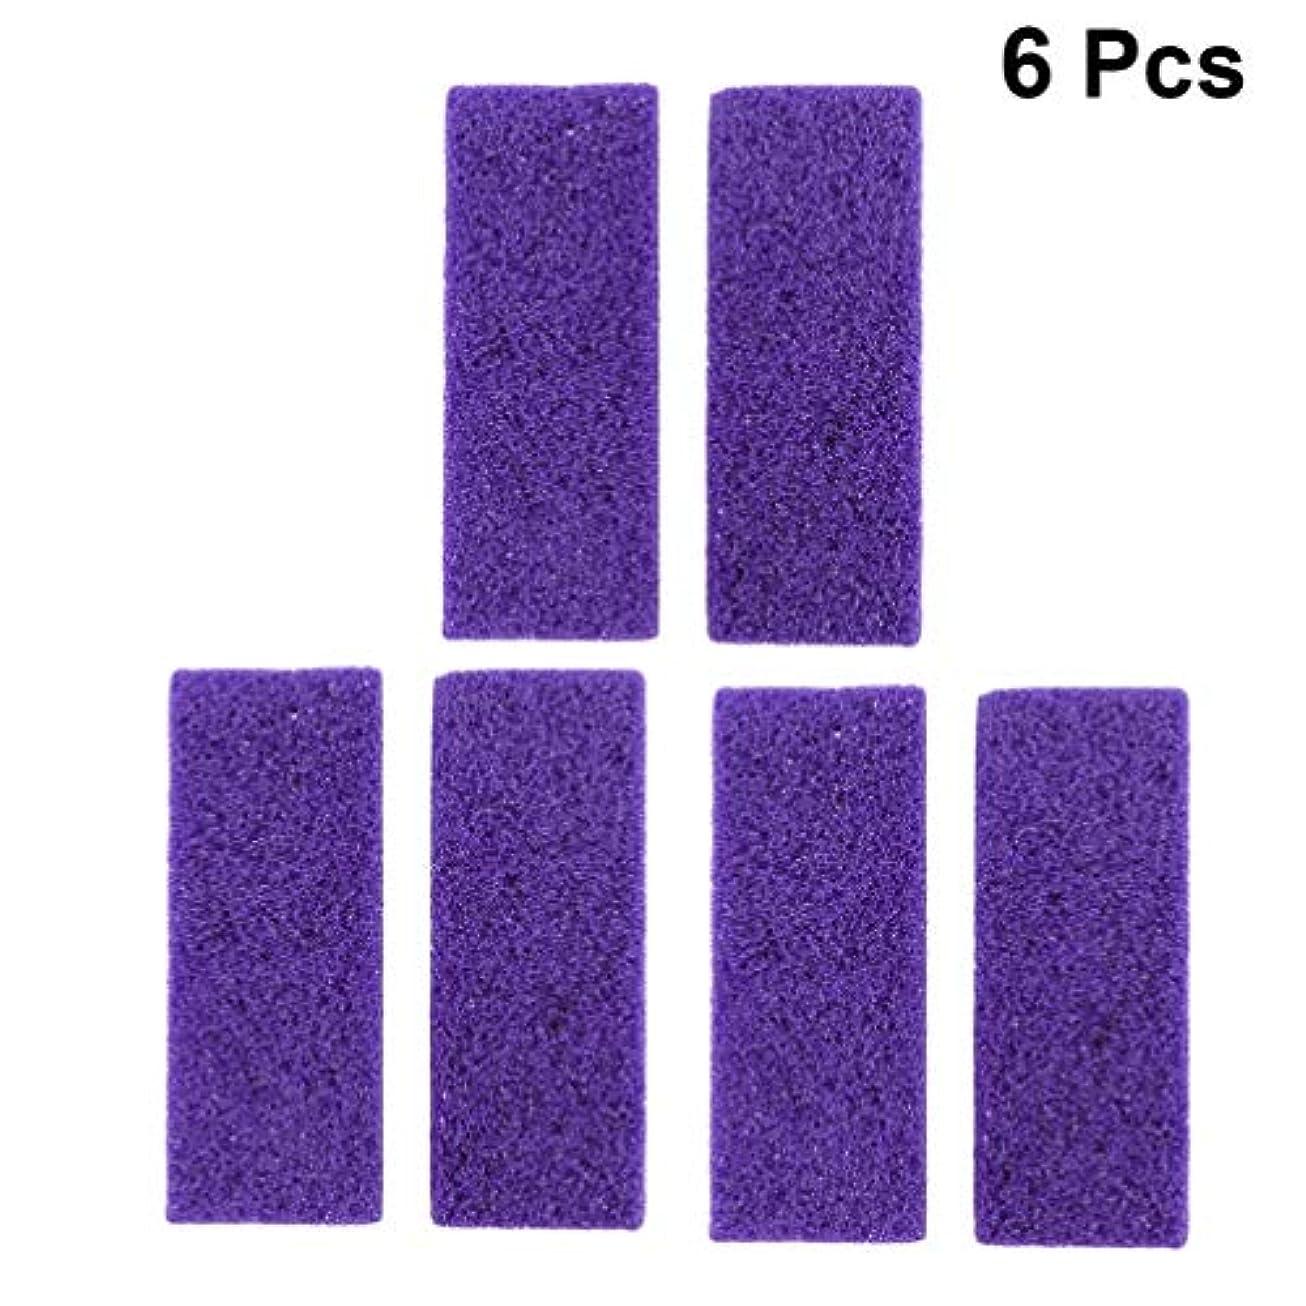 ギャラリー名前を作る戦争Heallily 6ピース天然軽石石紫フットケアツールカルスリムーバーペディキュアツール用ハードスキンデッドスキン